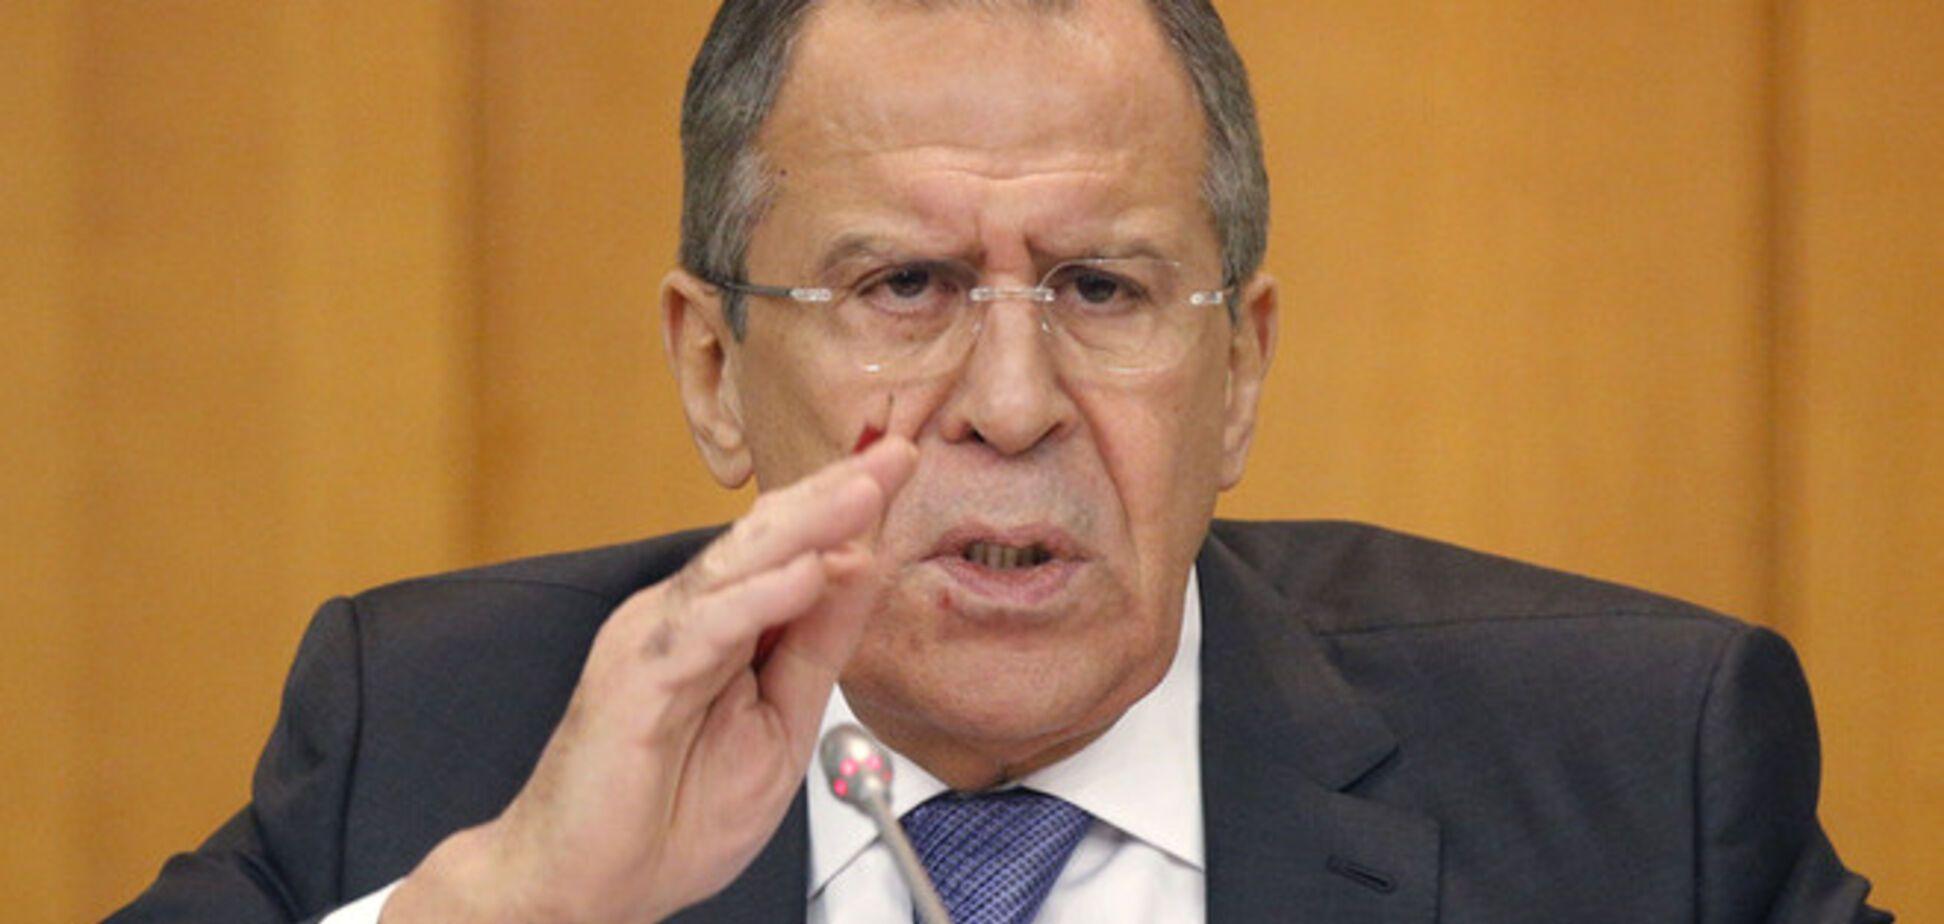 Лавров заявил о 'секретных' договоренностях по донецкому аэропорту